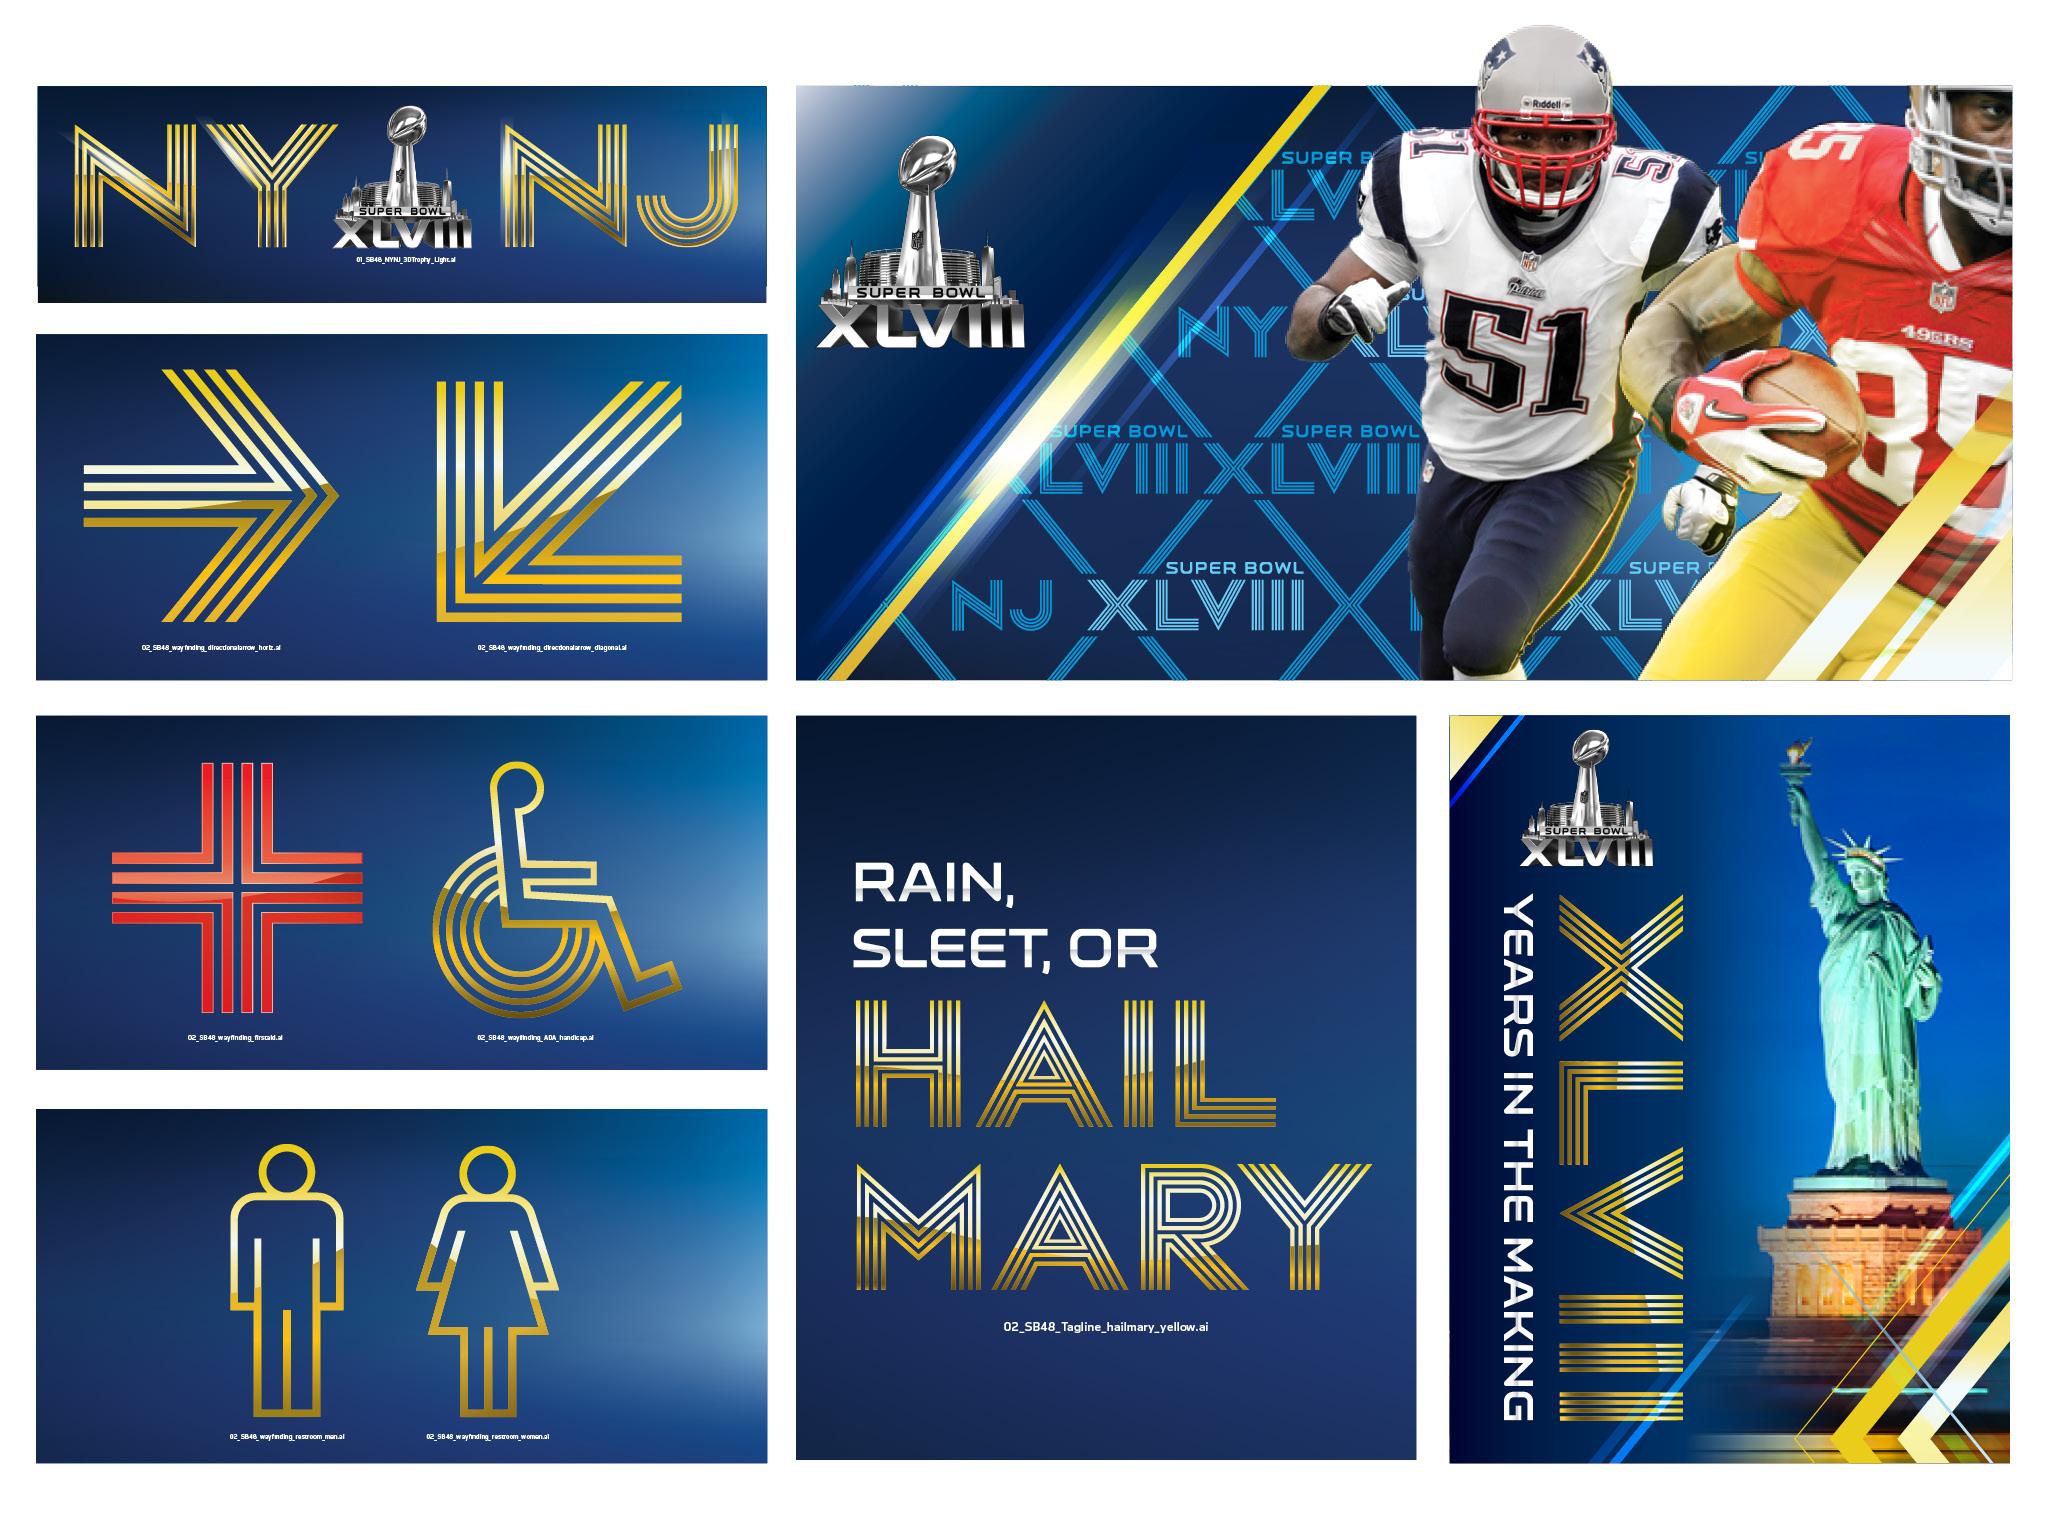 Superbowl 48 letter system